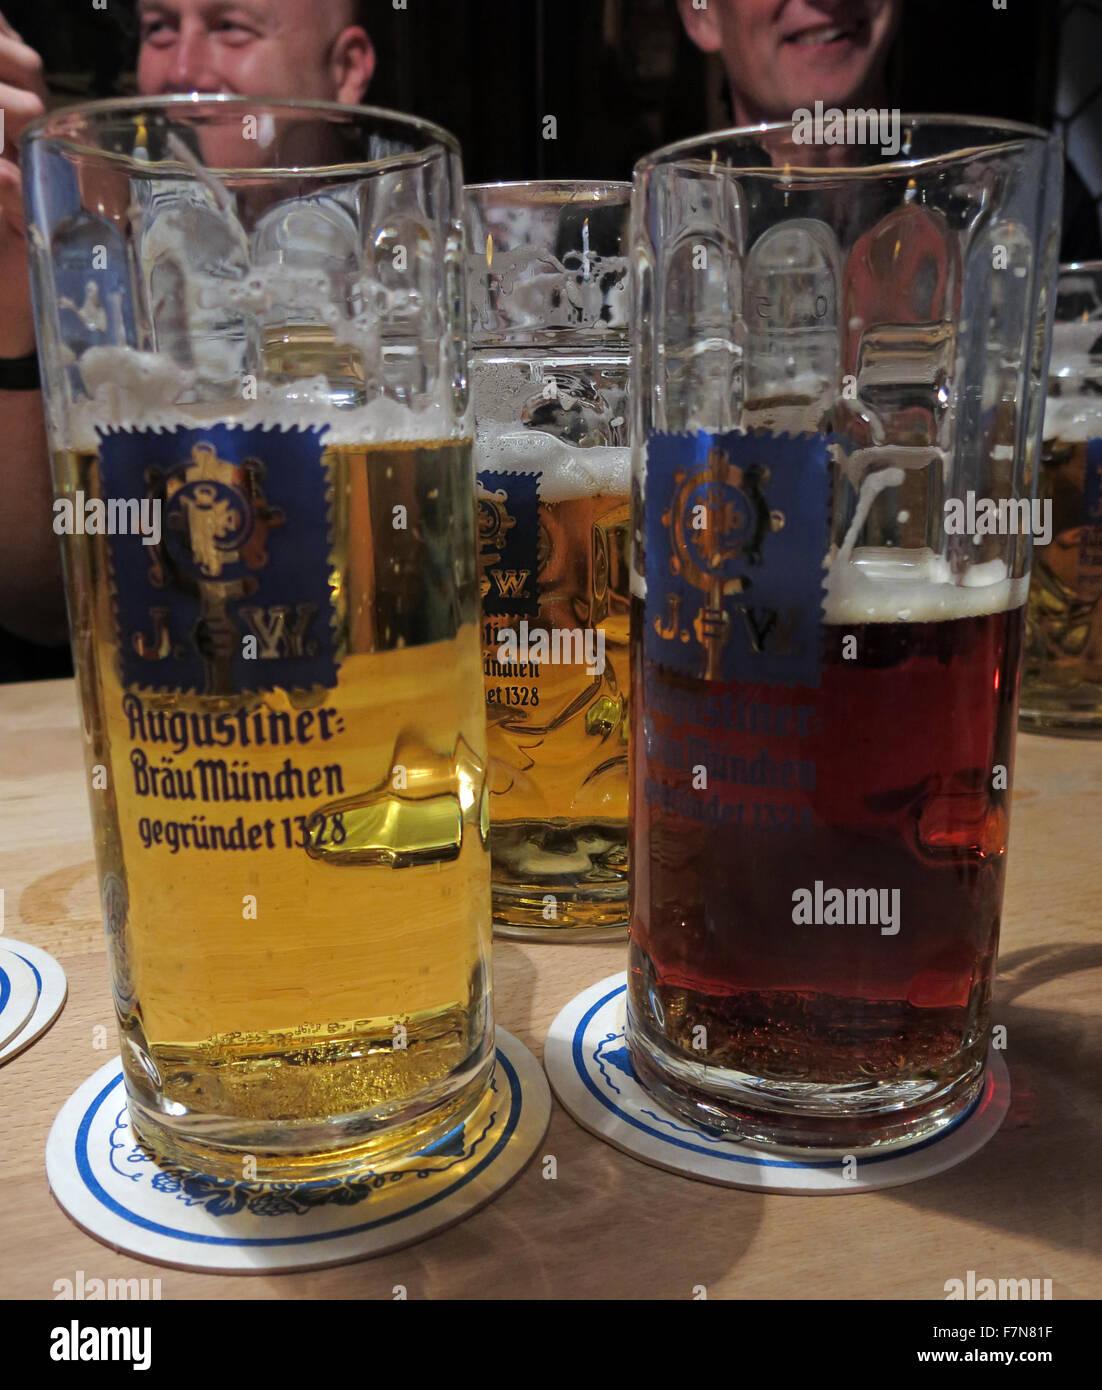 Laden Sie dieses Alamy Stockfoto Oktoberfest in München, Bayern, Deutschland, drei Bier - F7N81F